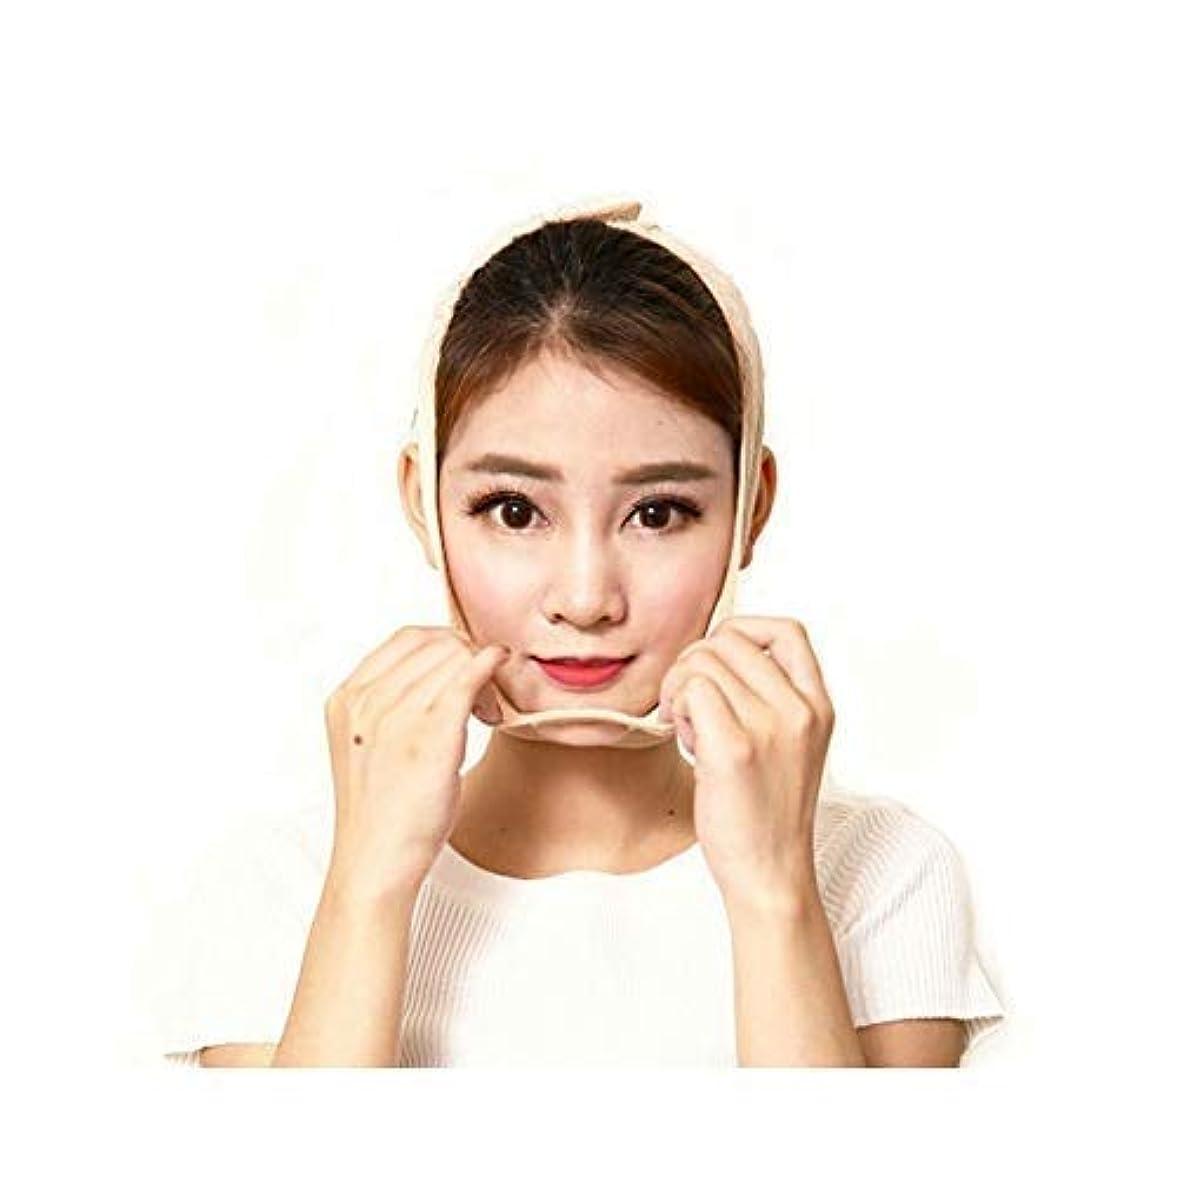 発表する局グラス引き締めマスク薄い顔アーティファクト包帯美容フードリフト引き締めマスクにダブルあごLスモールVフェイスマッサージフェイスリフトフェイシャル